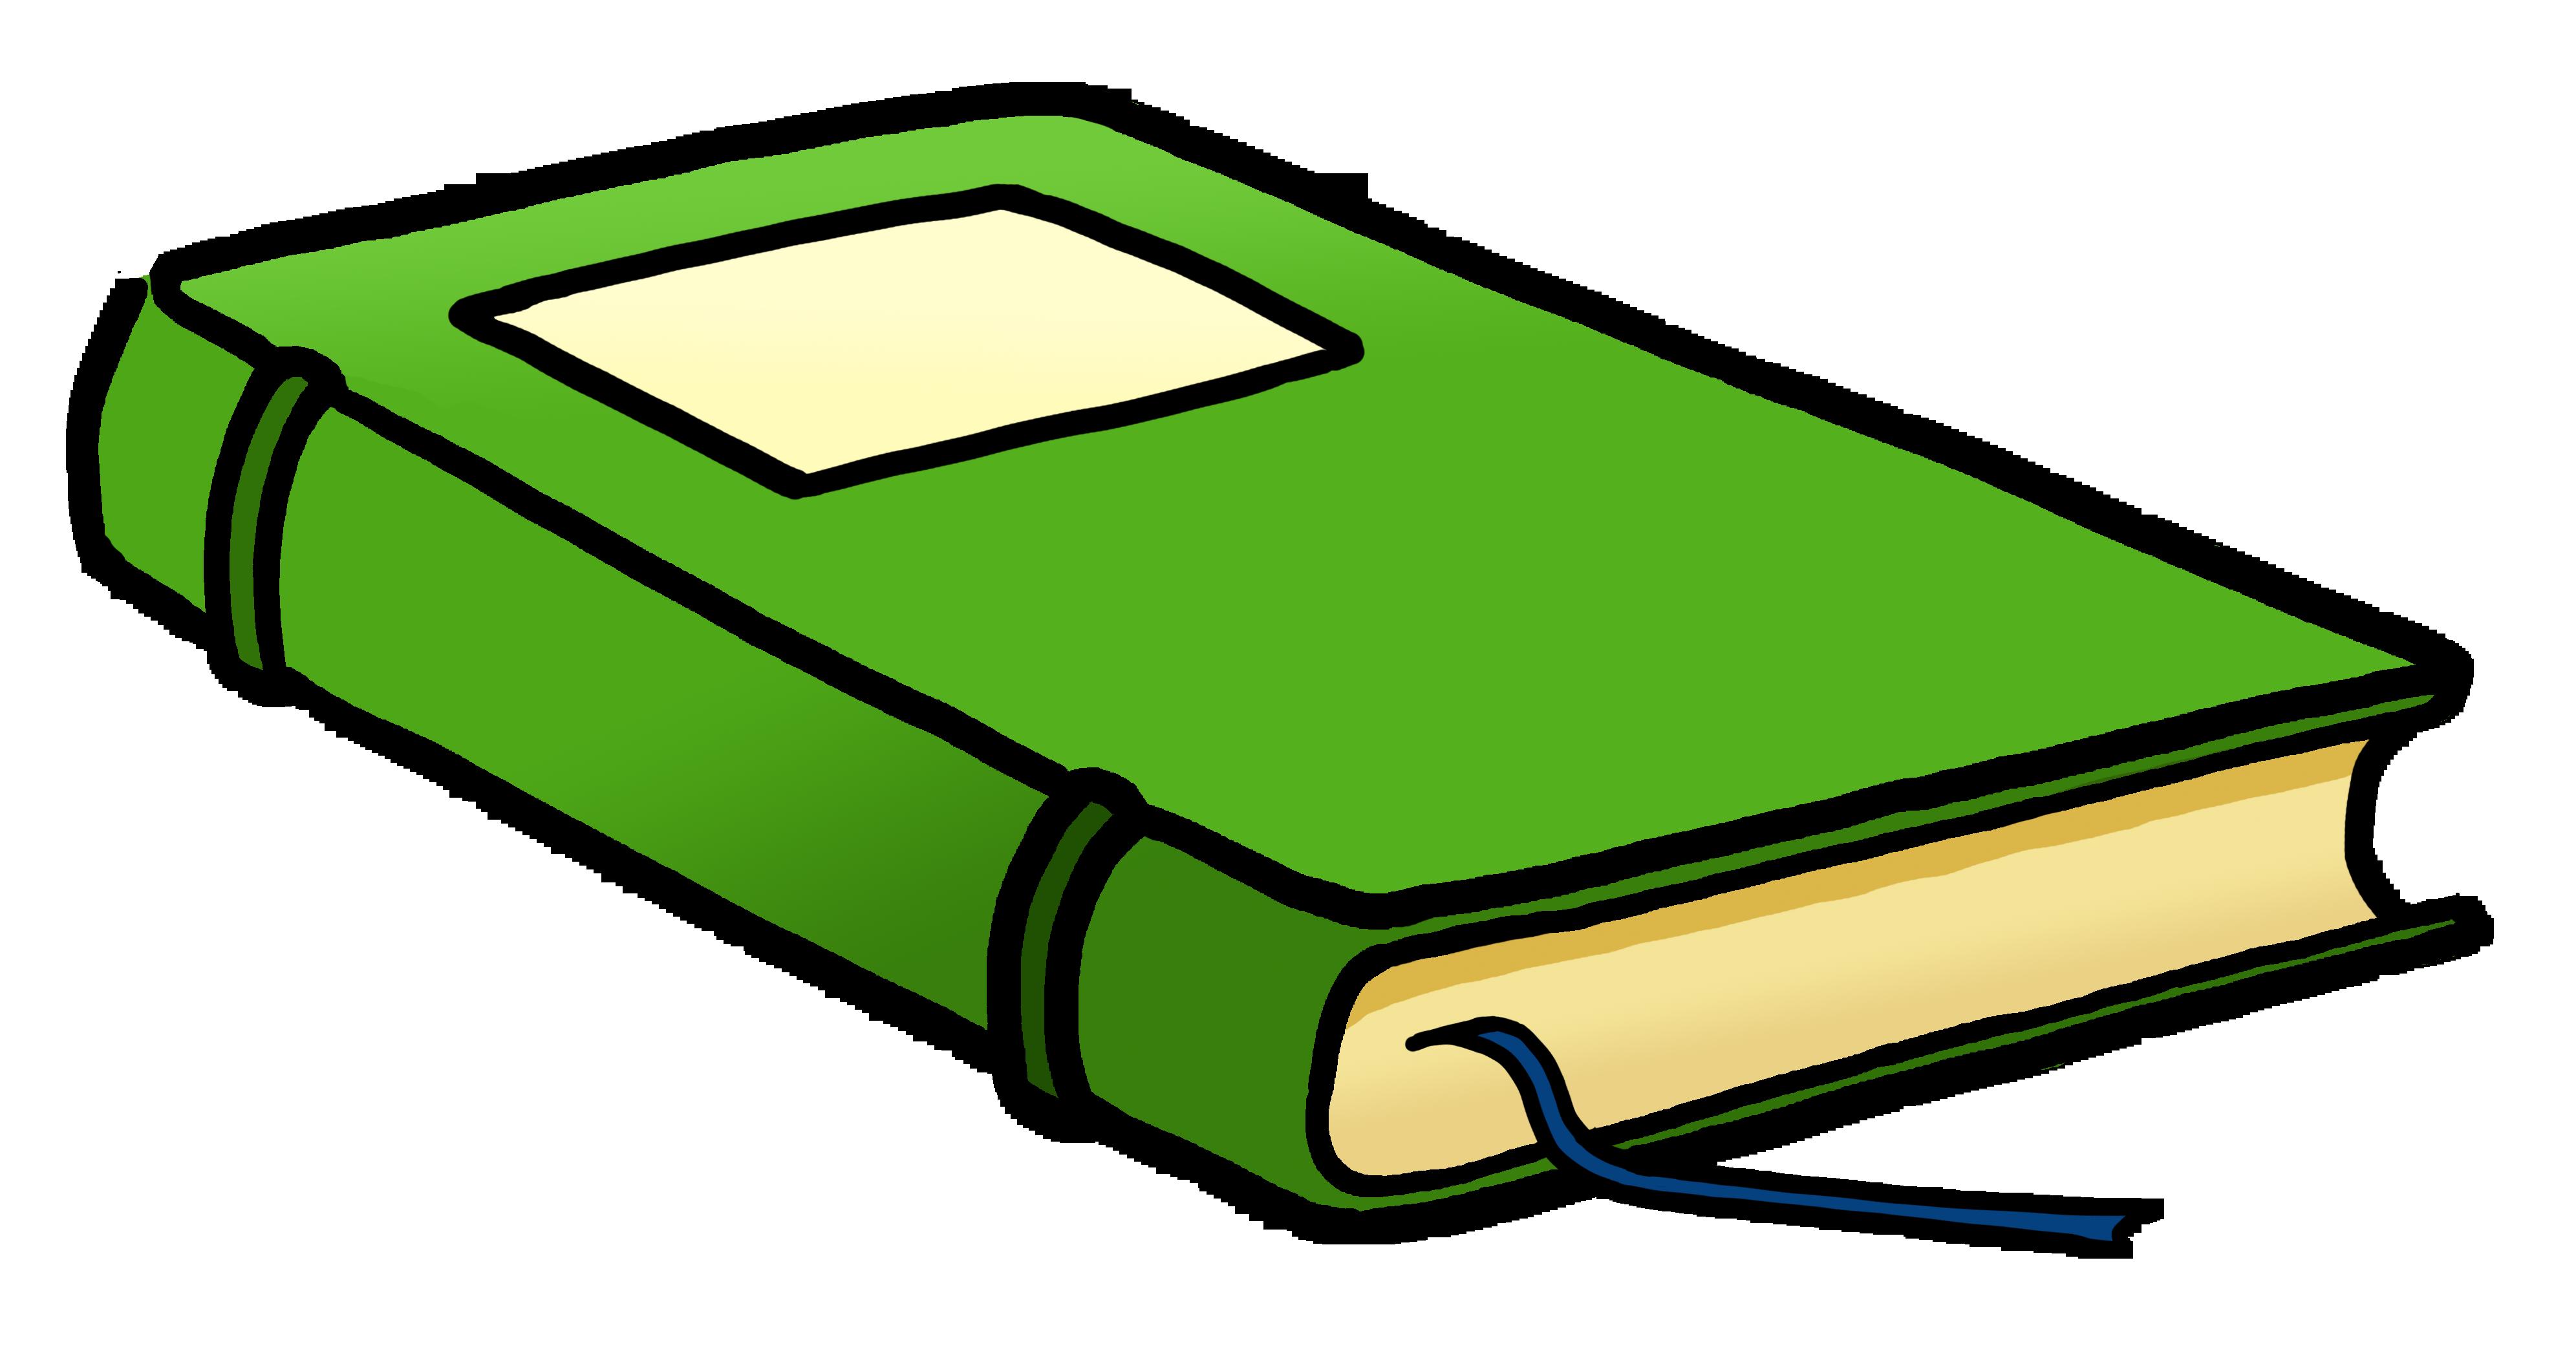 Book Clip Art: Book report clip art